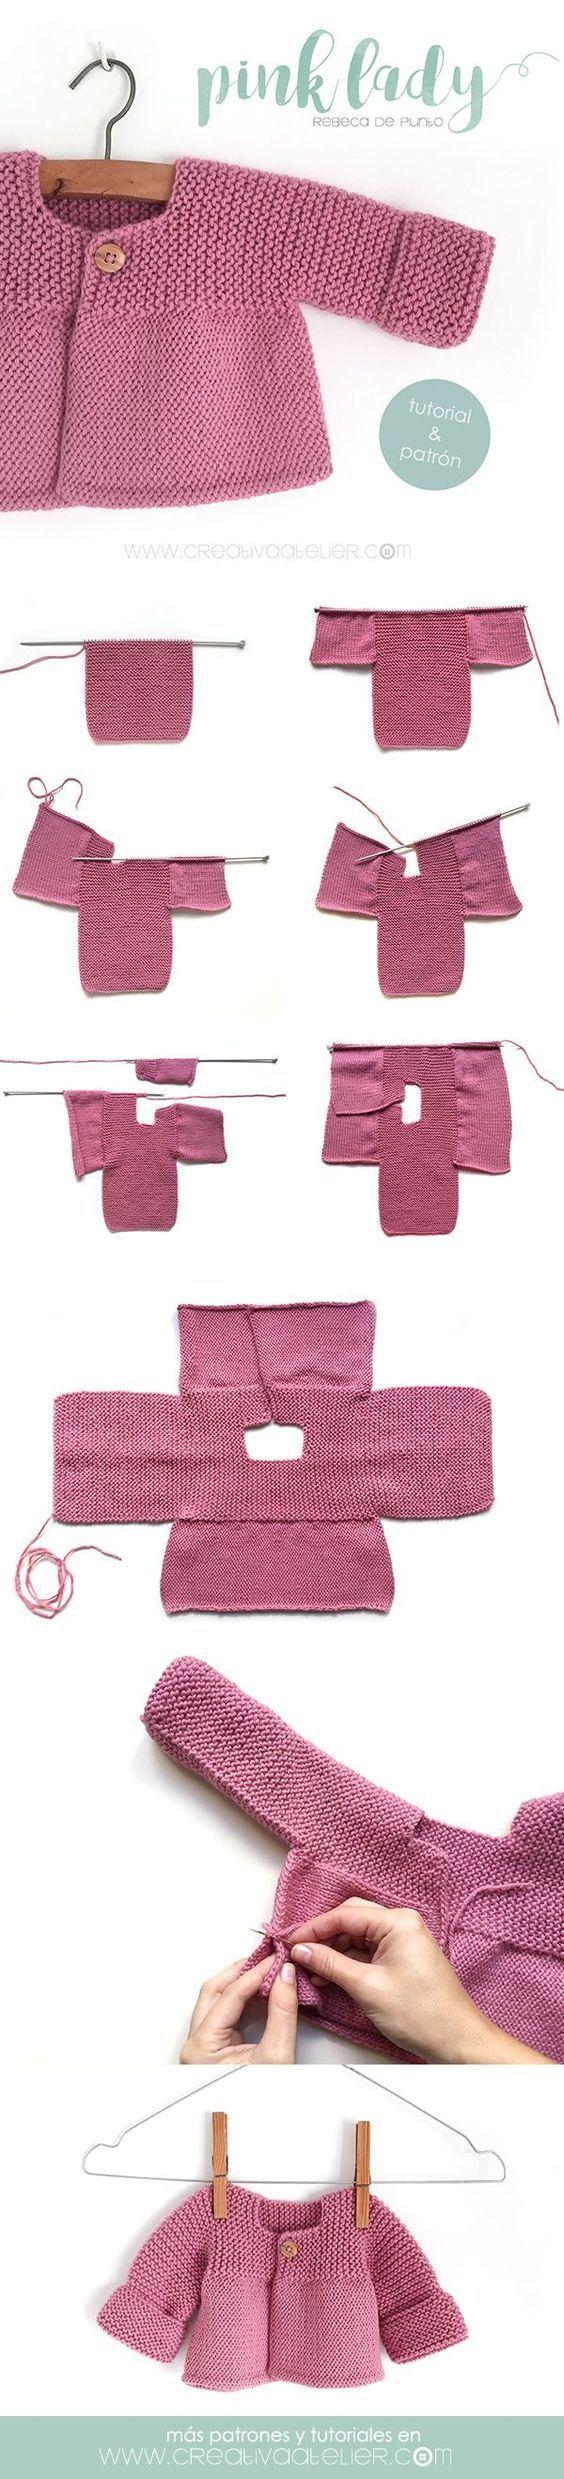 astuce, cuisine, crochet, tricot, couture, beauté, Cartonnage, test produit vous y trouverez pour tout les goûts